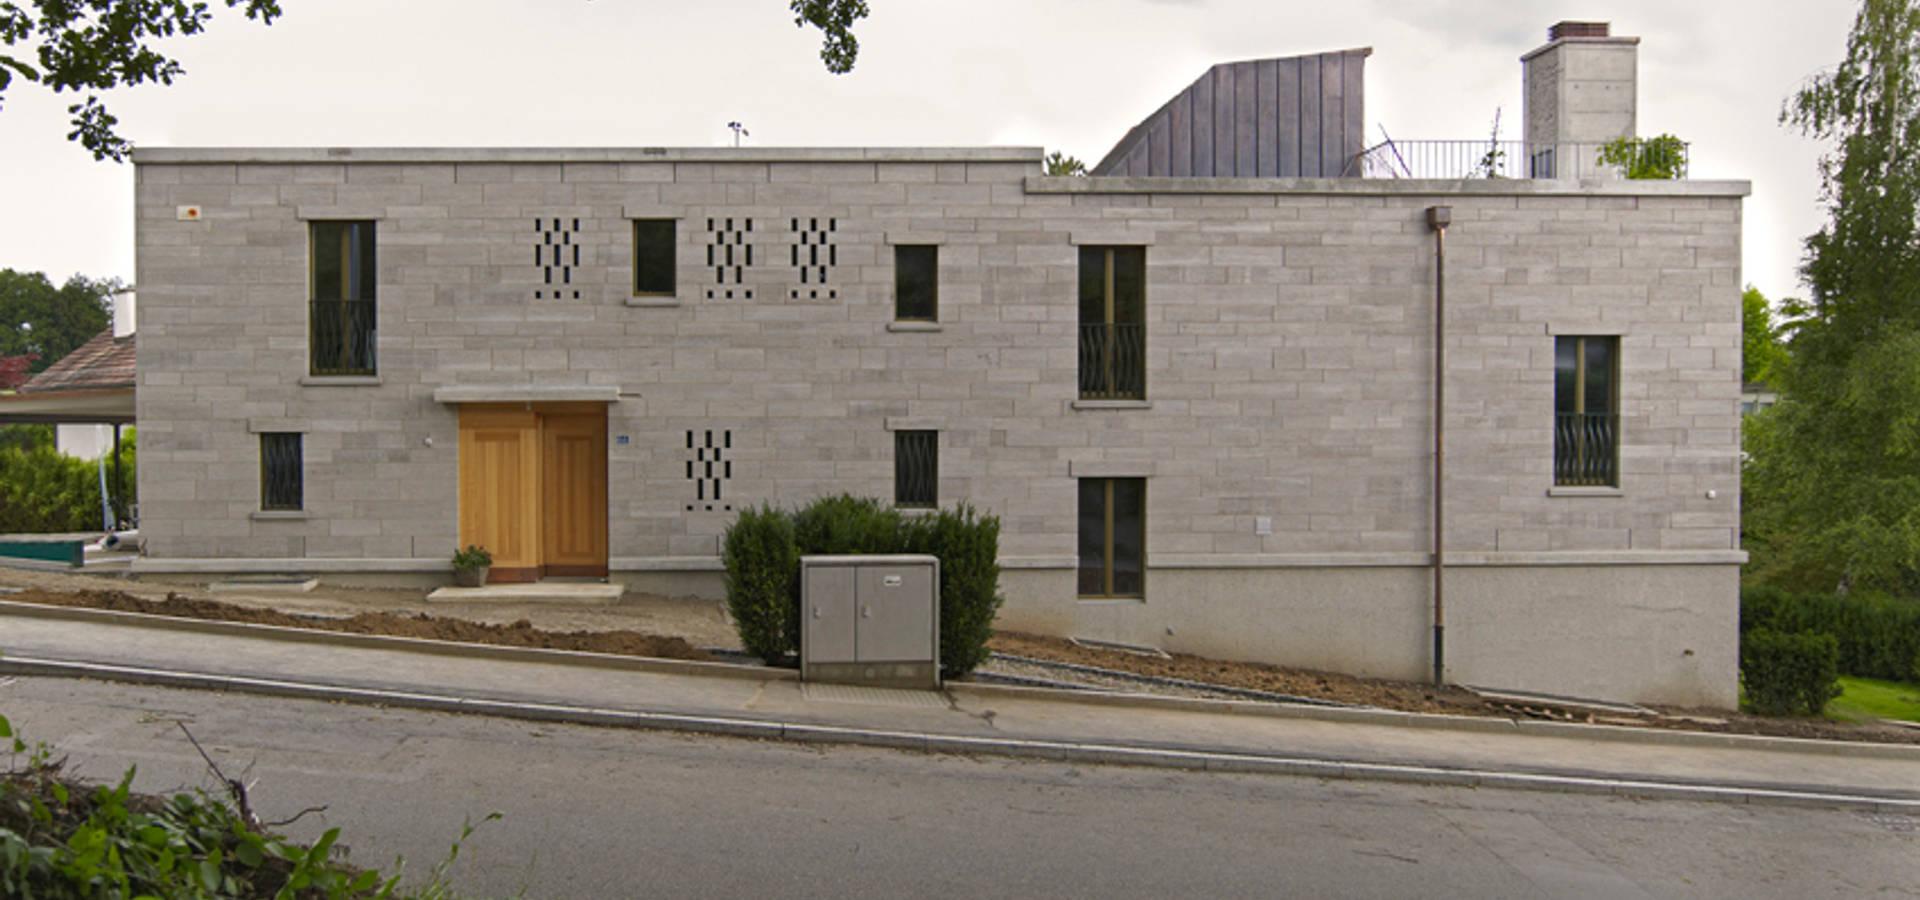 Meister Architektur wohnhaus in küsnacht 2010 by käferstein meister dipl